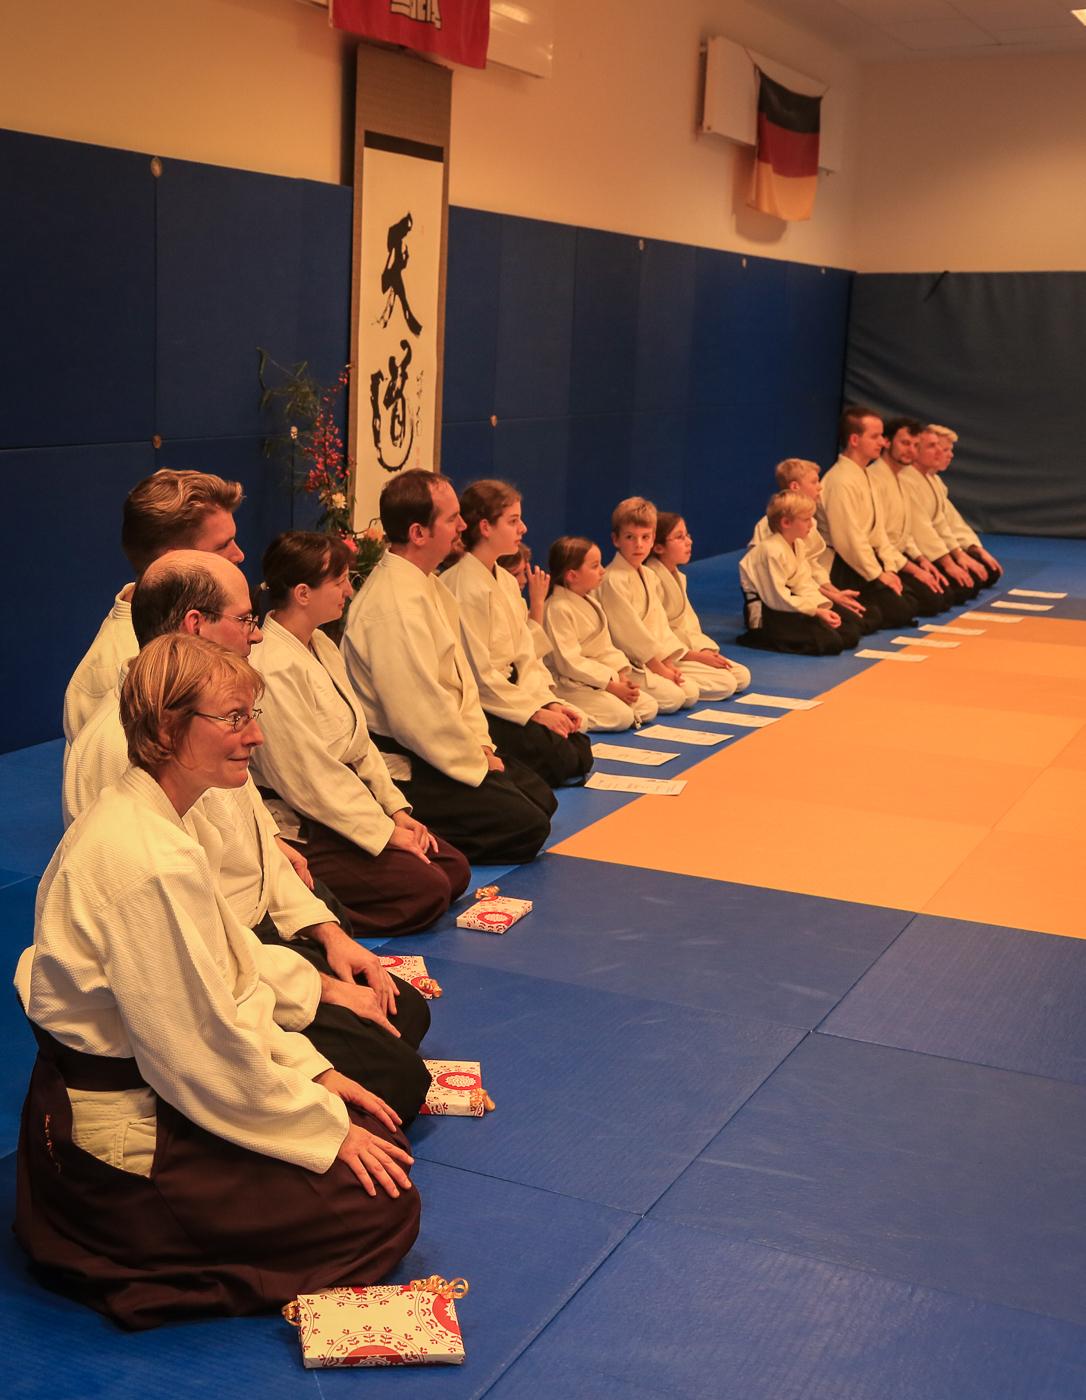 Weihnachtsfeier Harburg.Aikido Abteilung Der Turnerschaft Harburg Weihnachtsfeier 2018